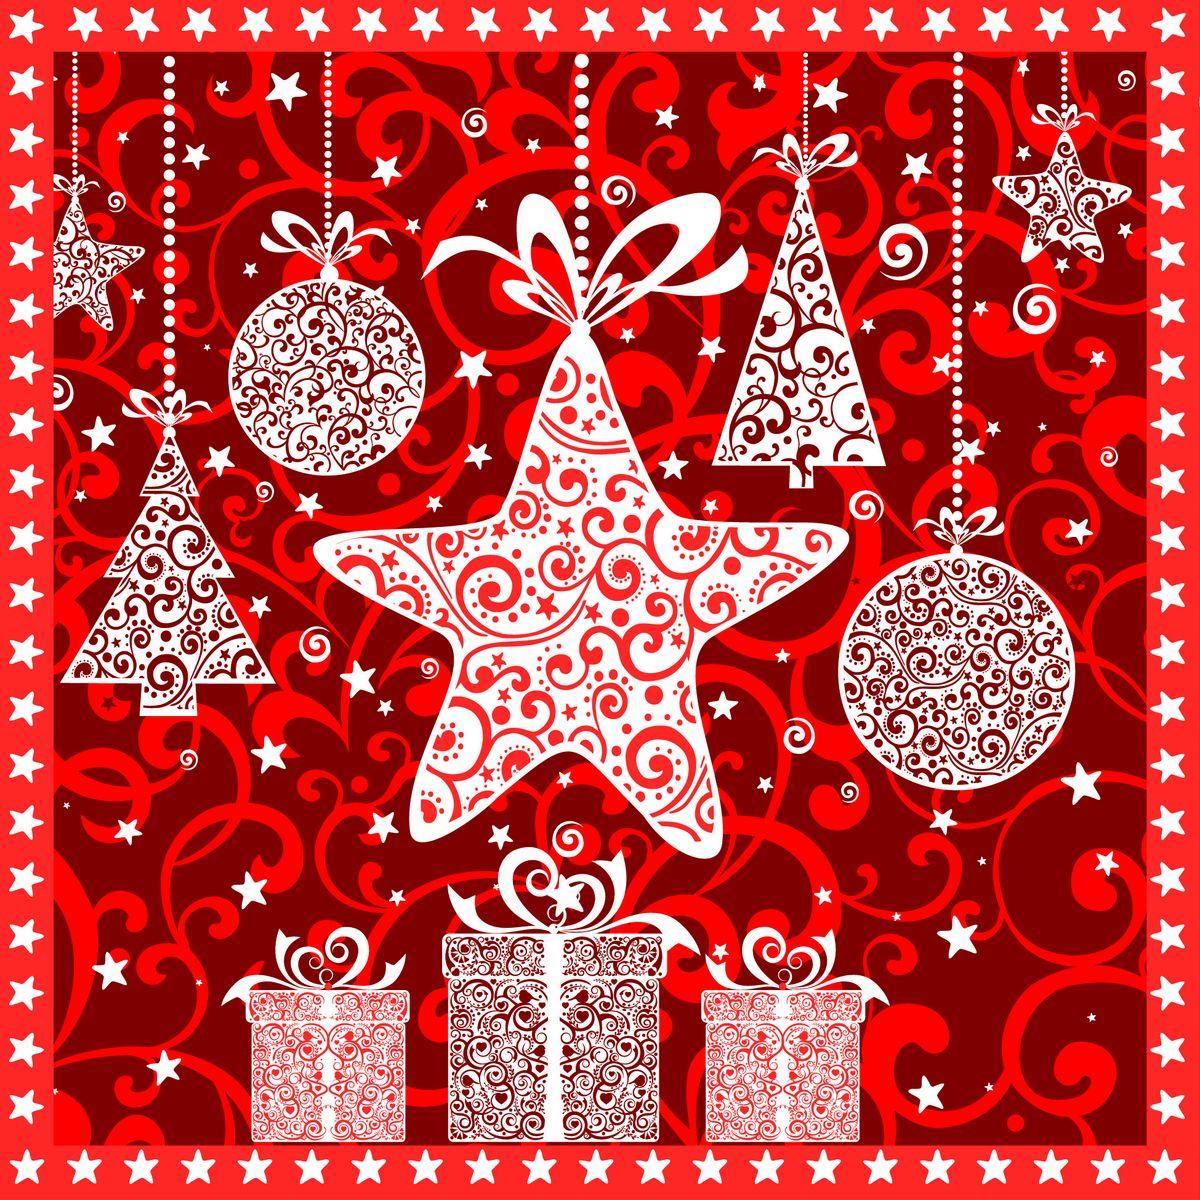 Салфетки бумажные Gratias Игрушки, трехслойные, цвет: красный, 33 х 33 см, 20 шт91493Трехслойные бумажные салфетки Gratias Игрушки, выполненные из натуральной целлюлозы, станут отличным дополнением любого праздничного стола. Они отличаются необычной мягкостью и прочностью. Размер листа: 33 х 33 см. Количество слоев: 3.